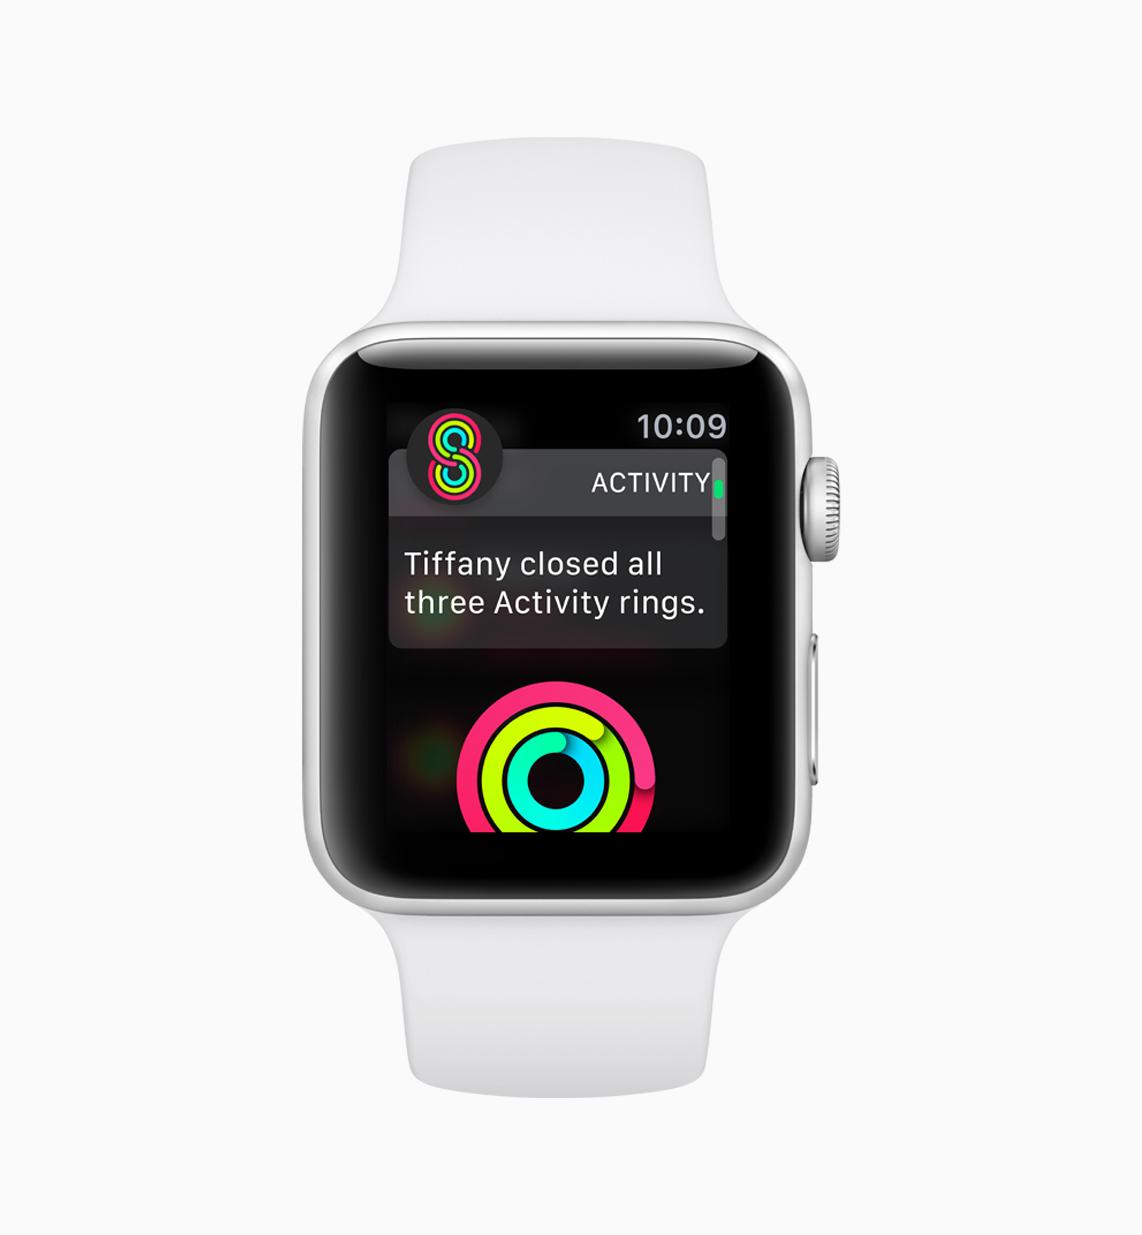 Example of activities app on watchOS